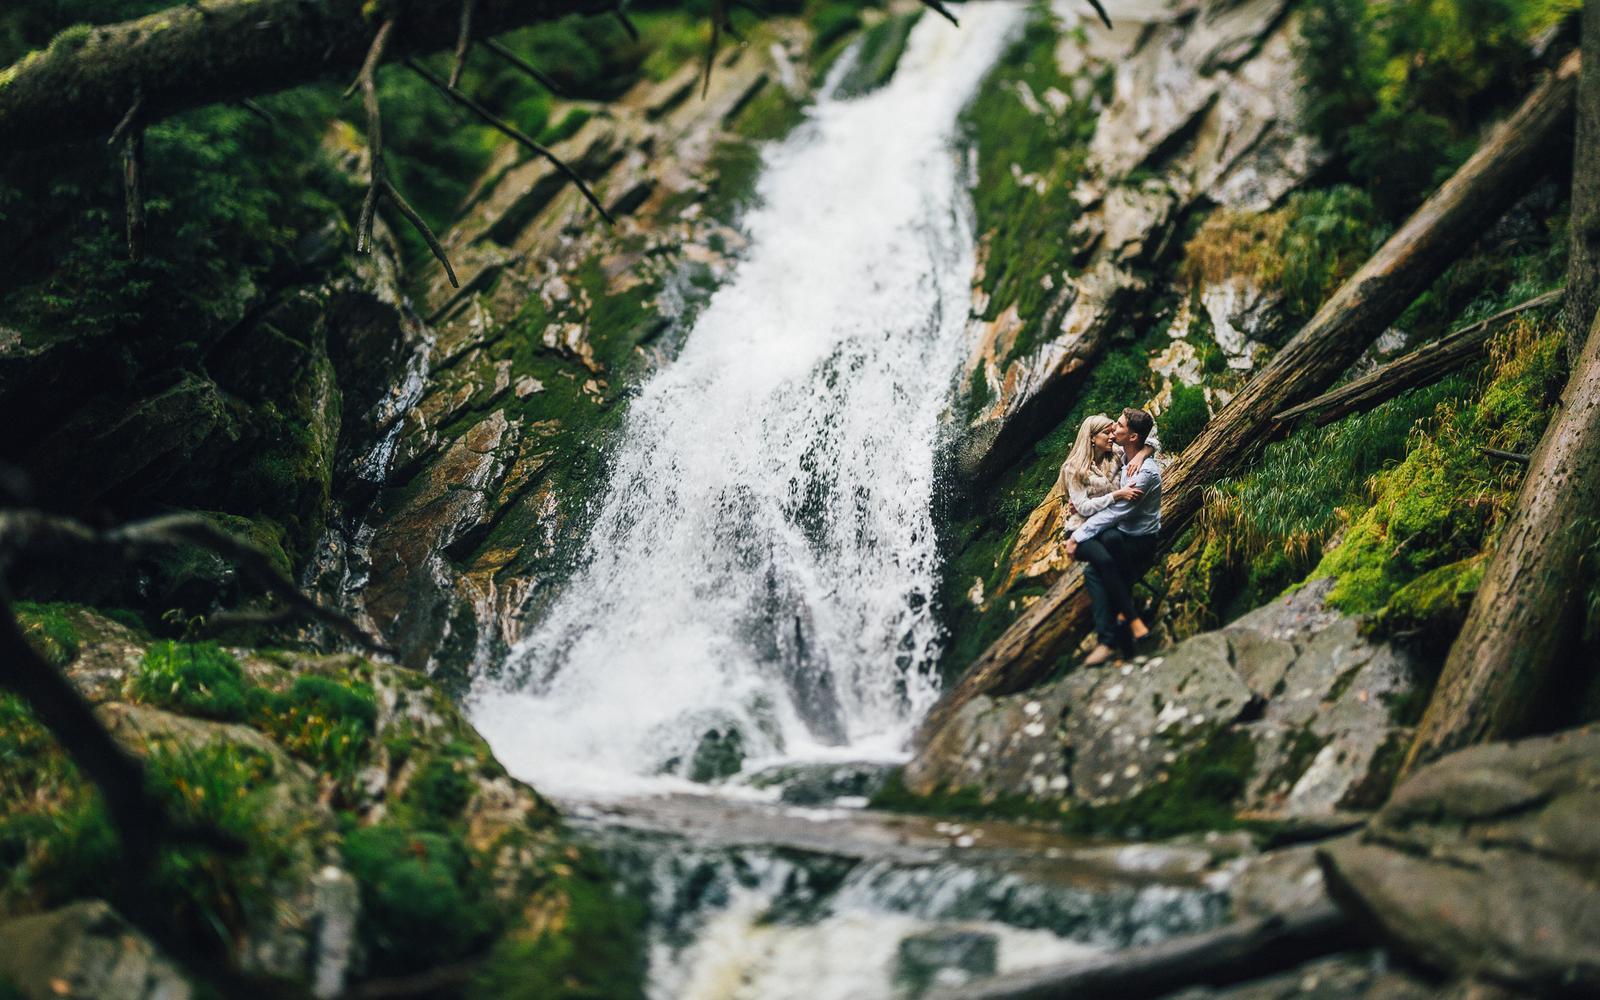 Ivona{{_AND_}}Pavel - Je pátek odpoledne - den před svatbou a my vyjeli fotit a natáčet prewedding k nejvyššímu vodopádu Bílá Strž na Šumavě. Na tu šílenou zimu a zážitky nahoře Šumavy, jen tak nezapomeneme :-).